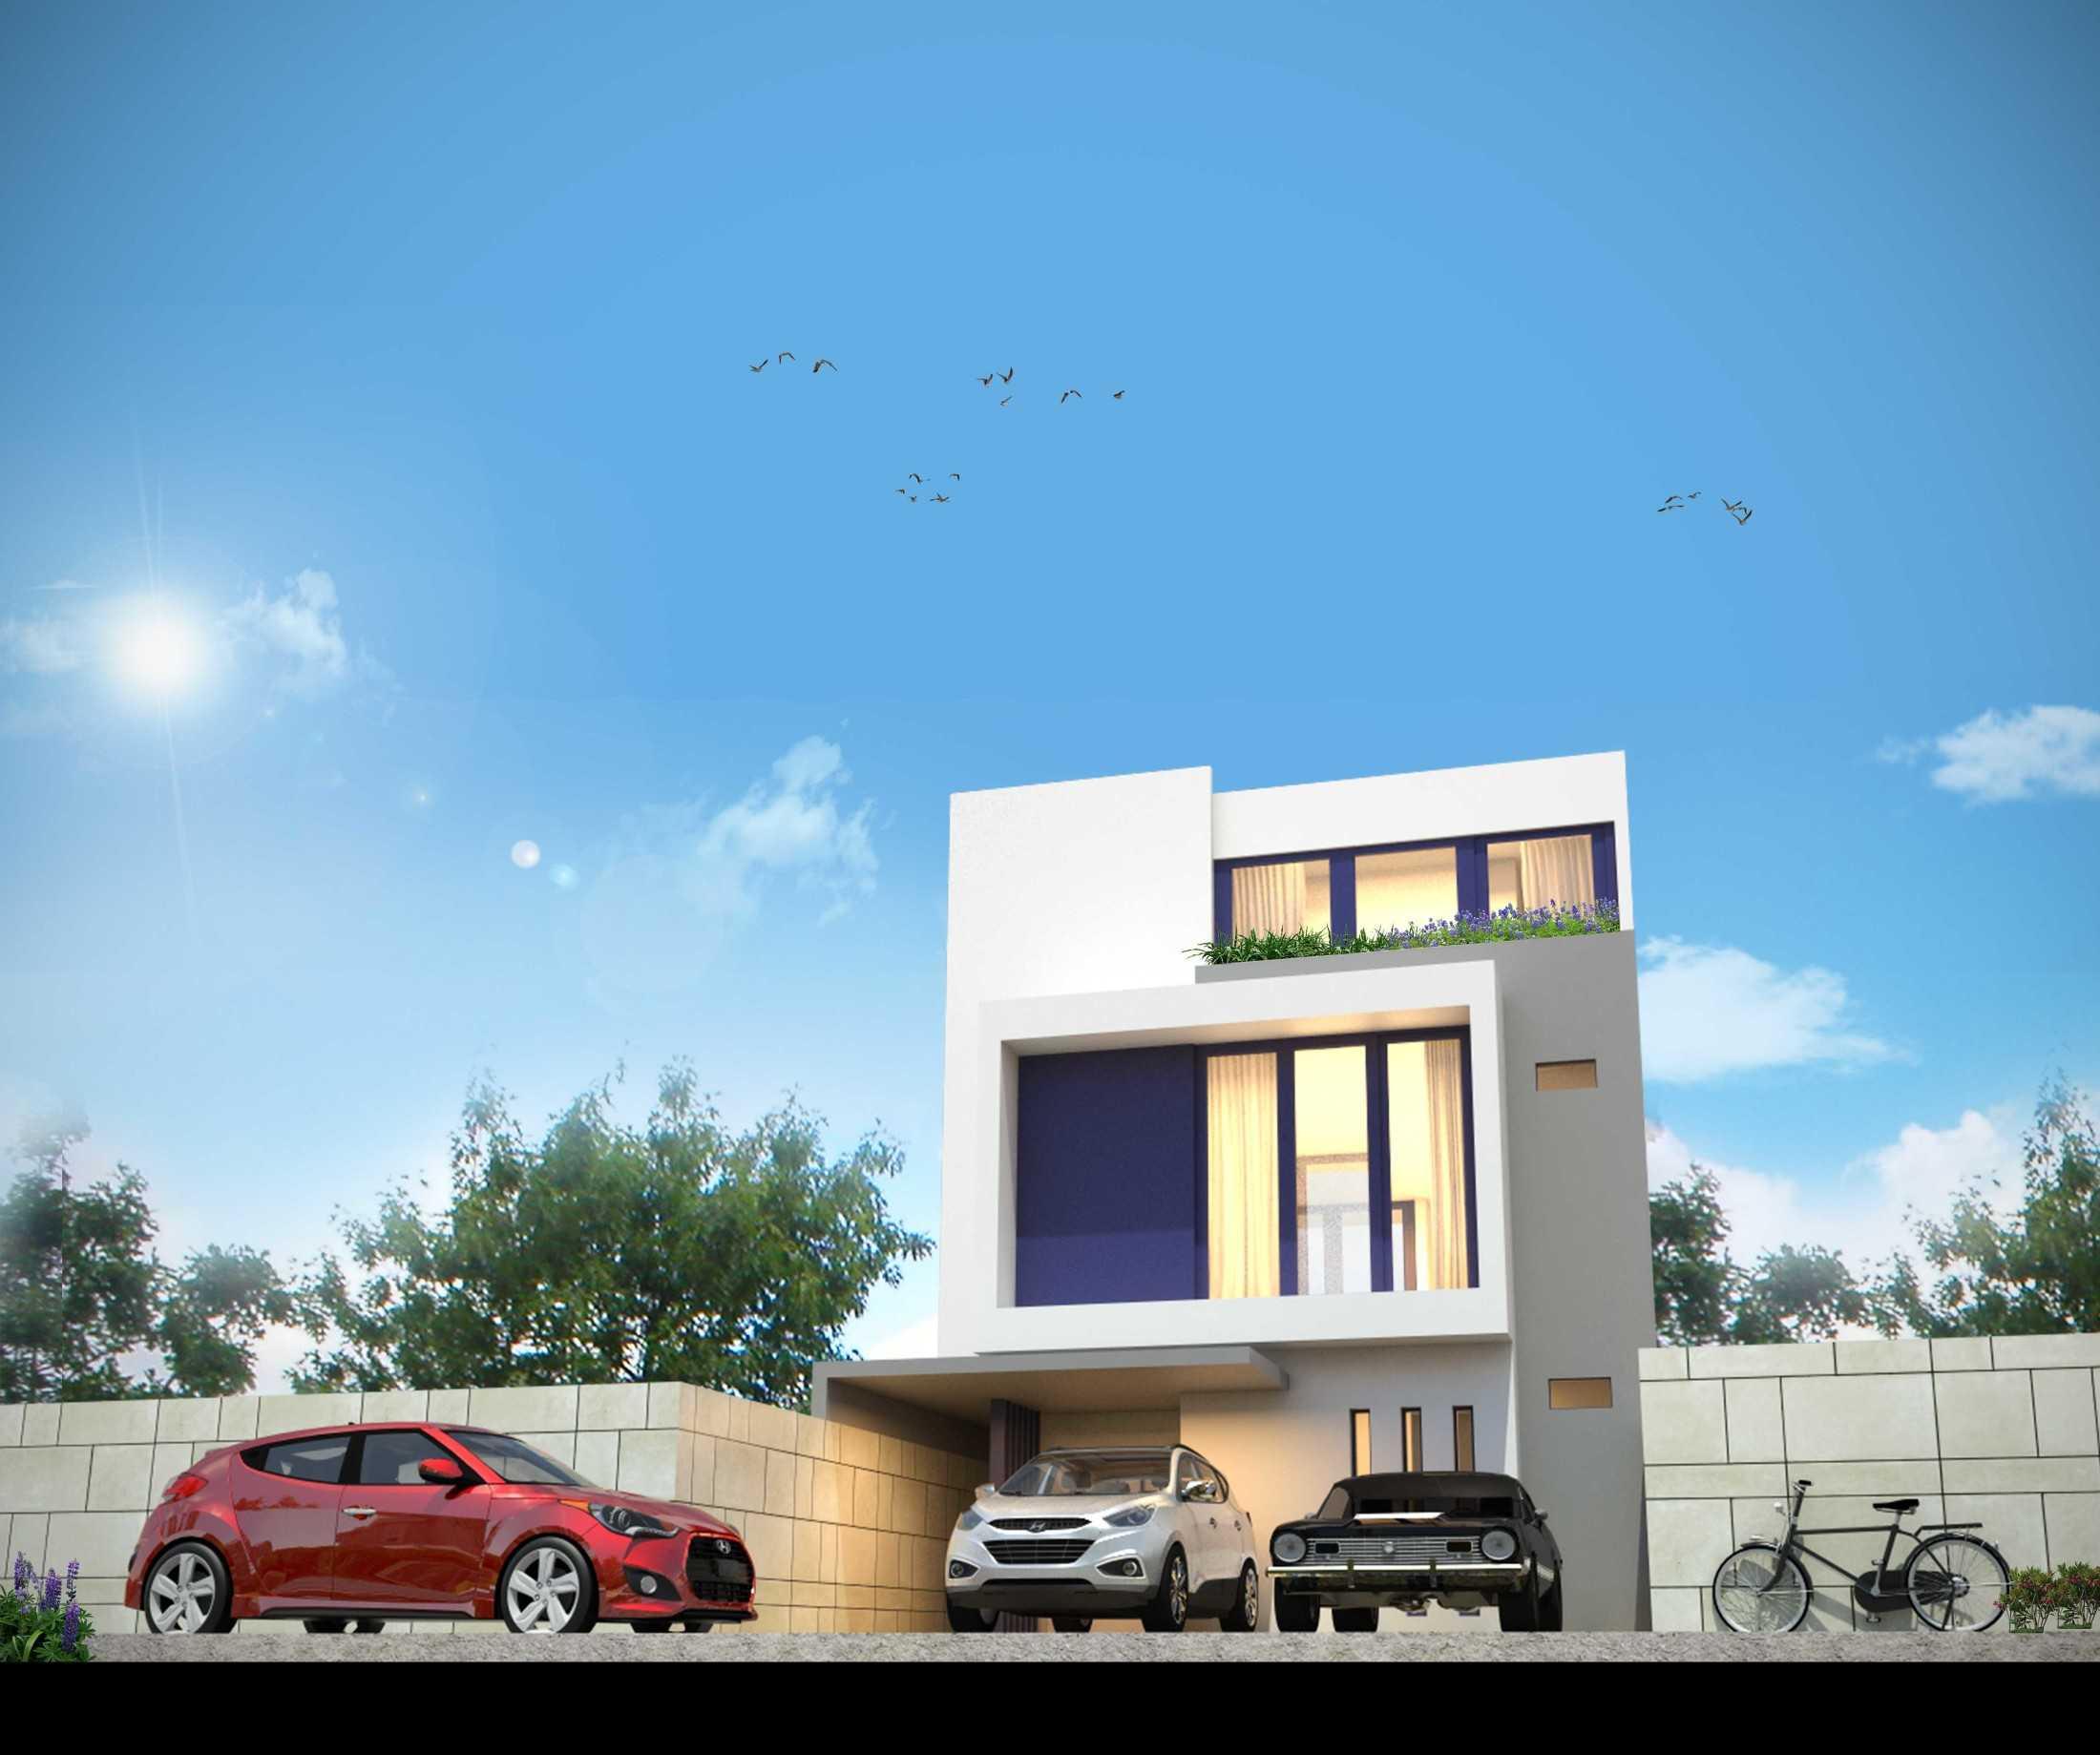 Sabio Design Rahayu Small Office, Bandung Rahayu, Kec. Margaasih, Bandung, Jawa Barat, Indonesia Rahayu, Kec. Margaasih, Bandung, Jawa Barat, Indonesia Sabio-Design-Rahayu-Small-Office-Bandung  115300